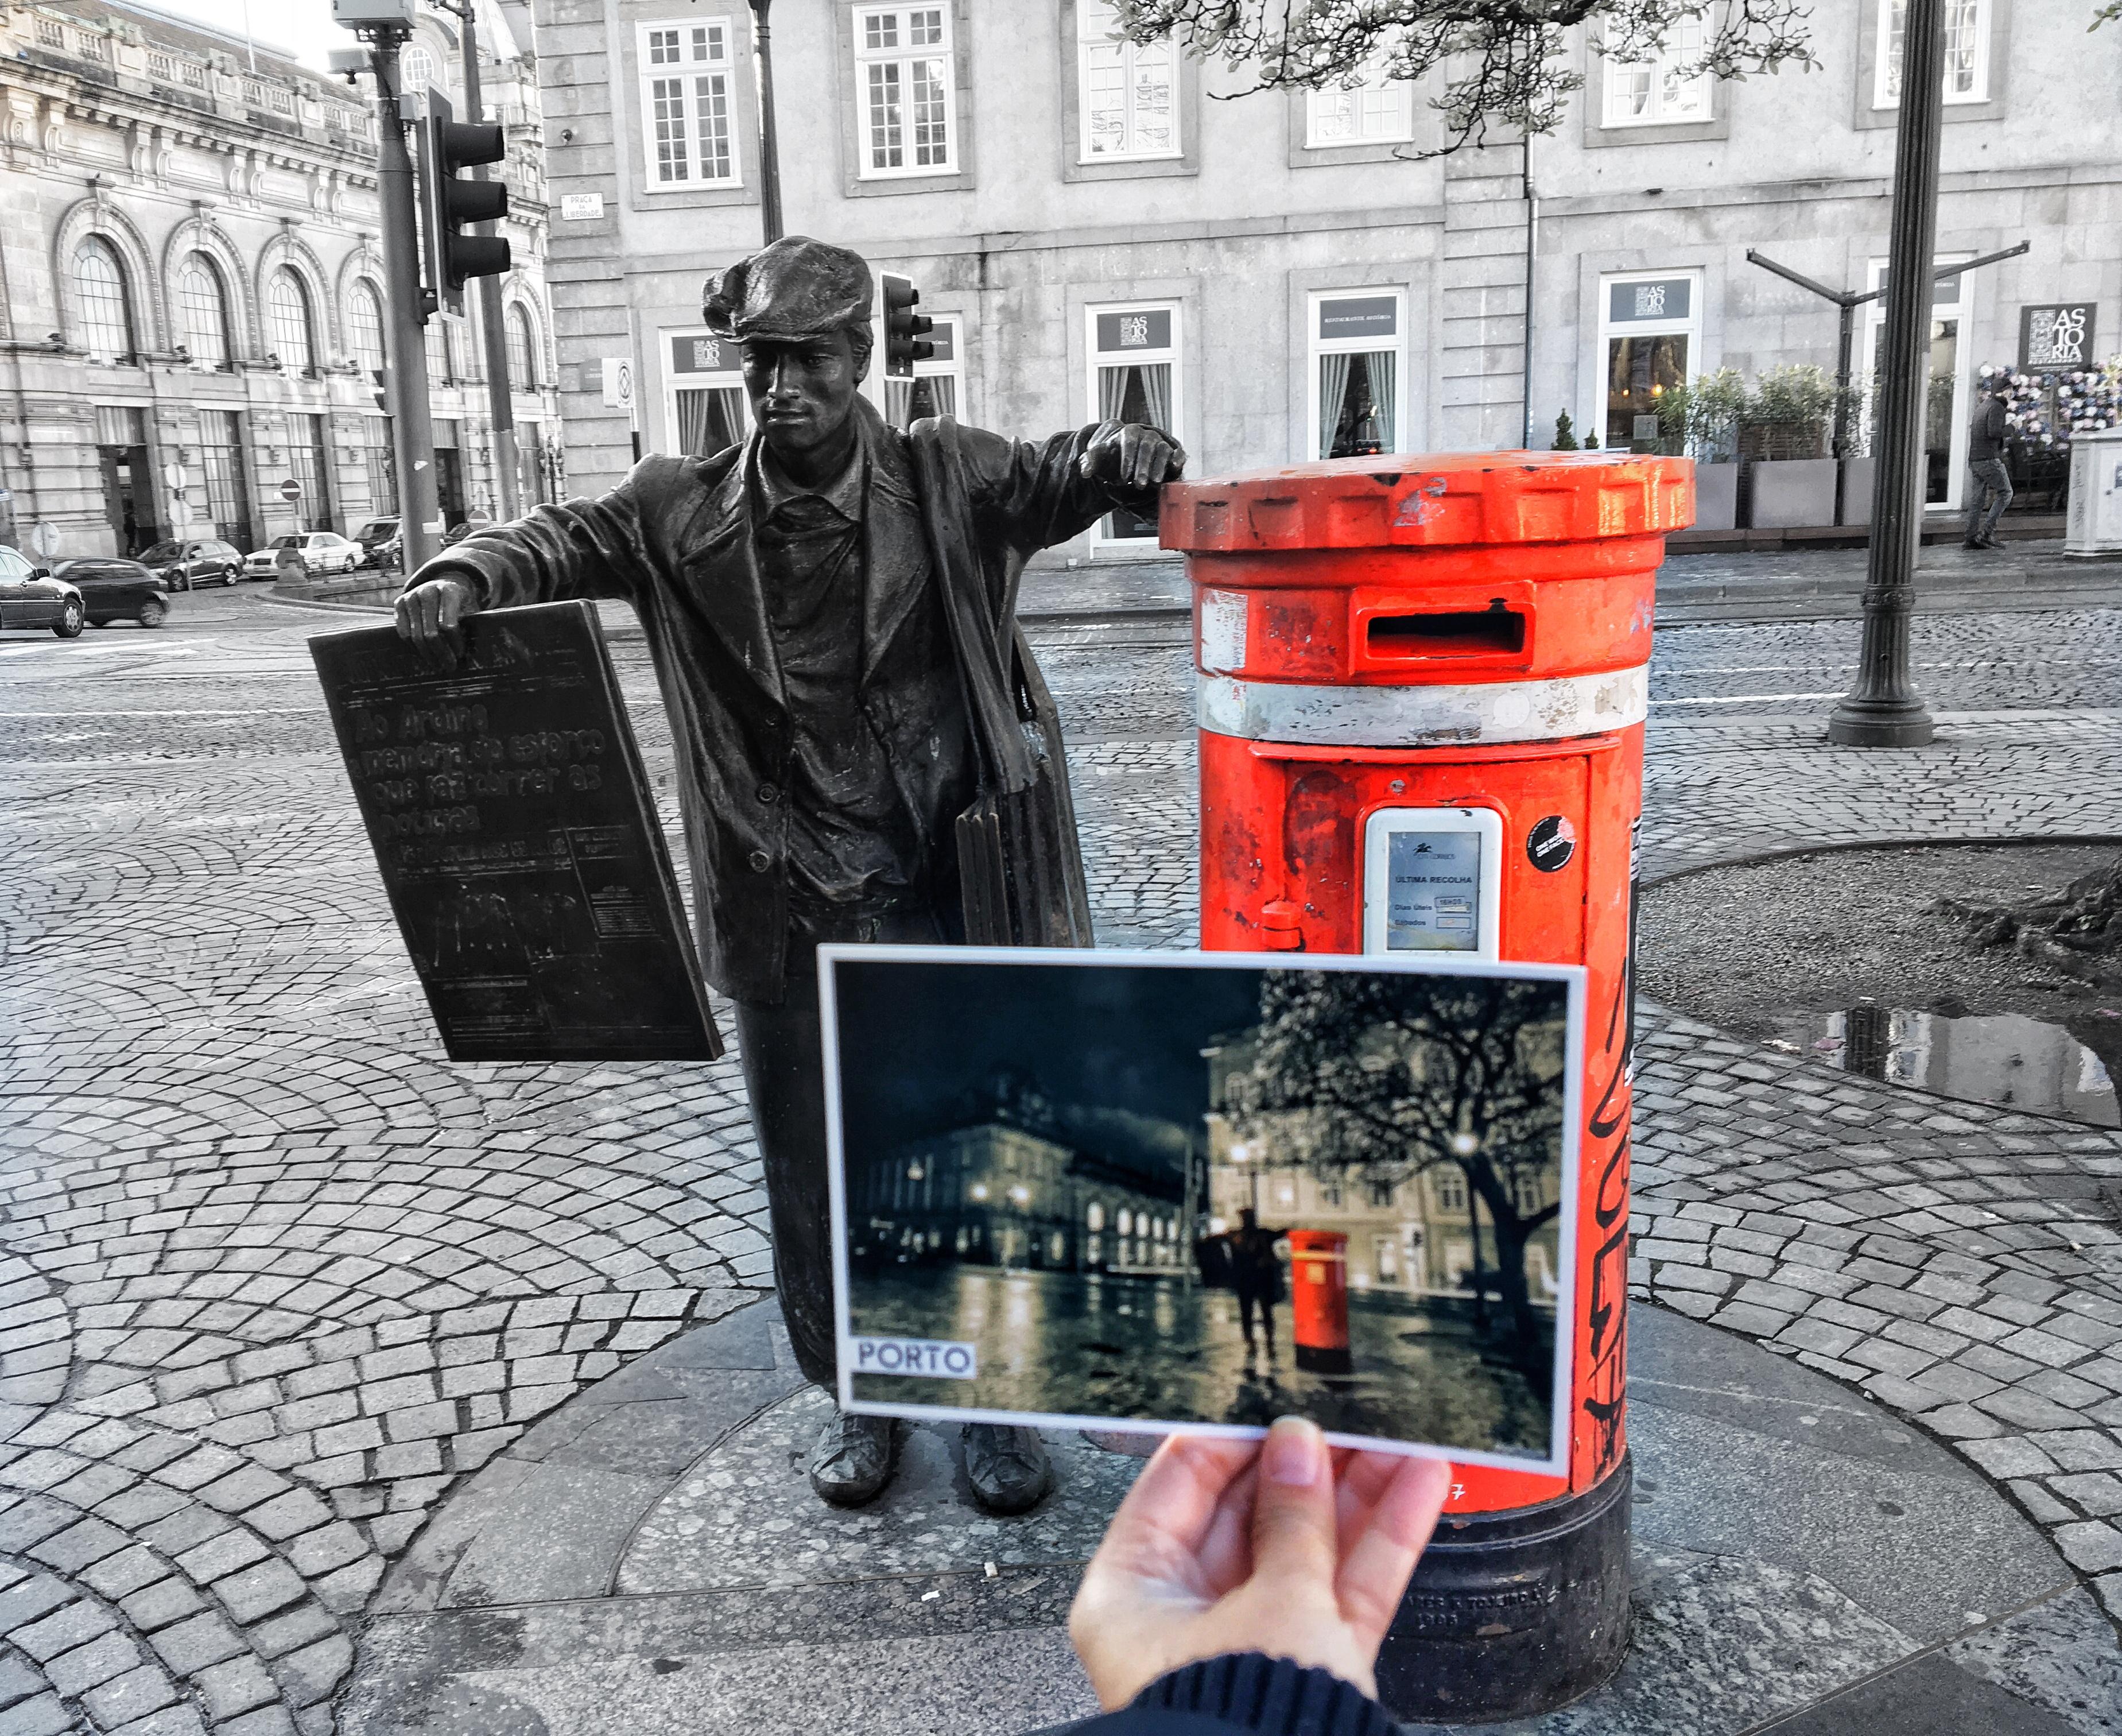 【葡萄牙】里斯本周邊好玩城市小鎮 一日遊行程推薦 Best Day Trips from Lisbon